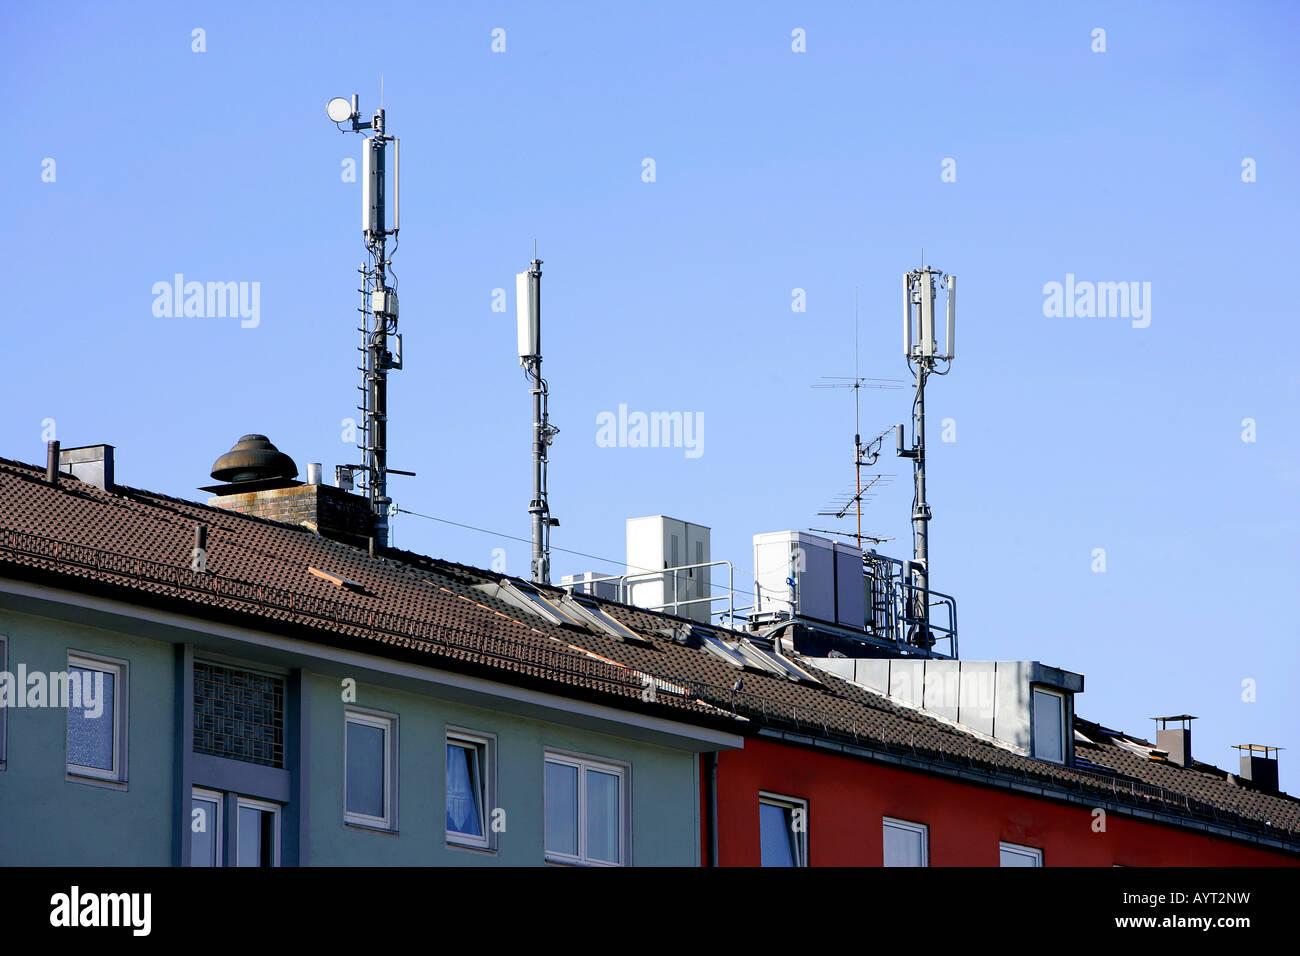 Mobilfunk Telekommunikation Antennen Stockbild